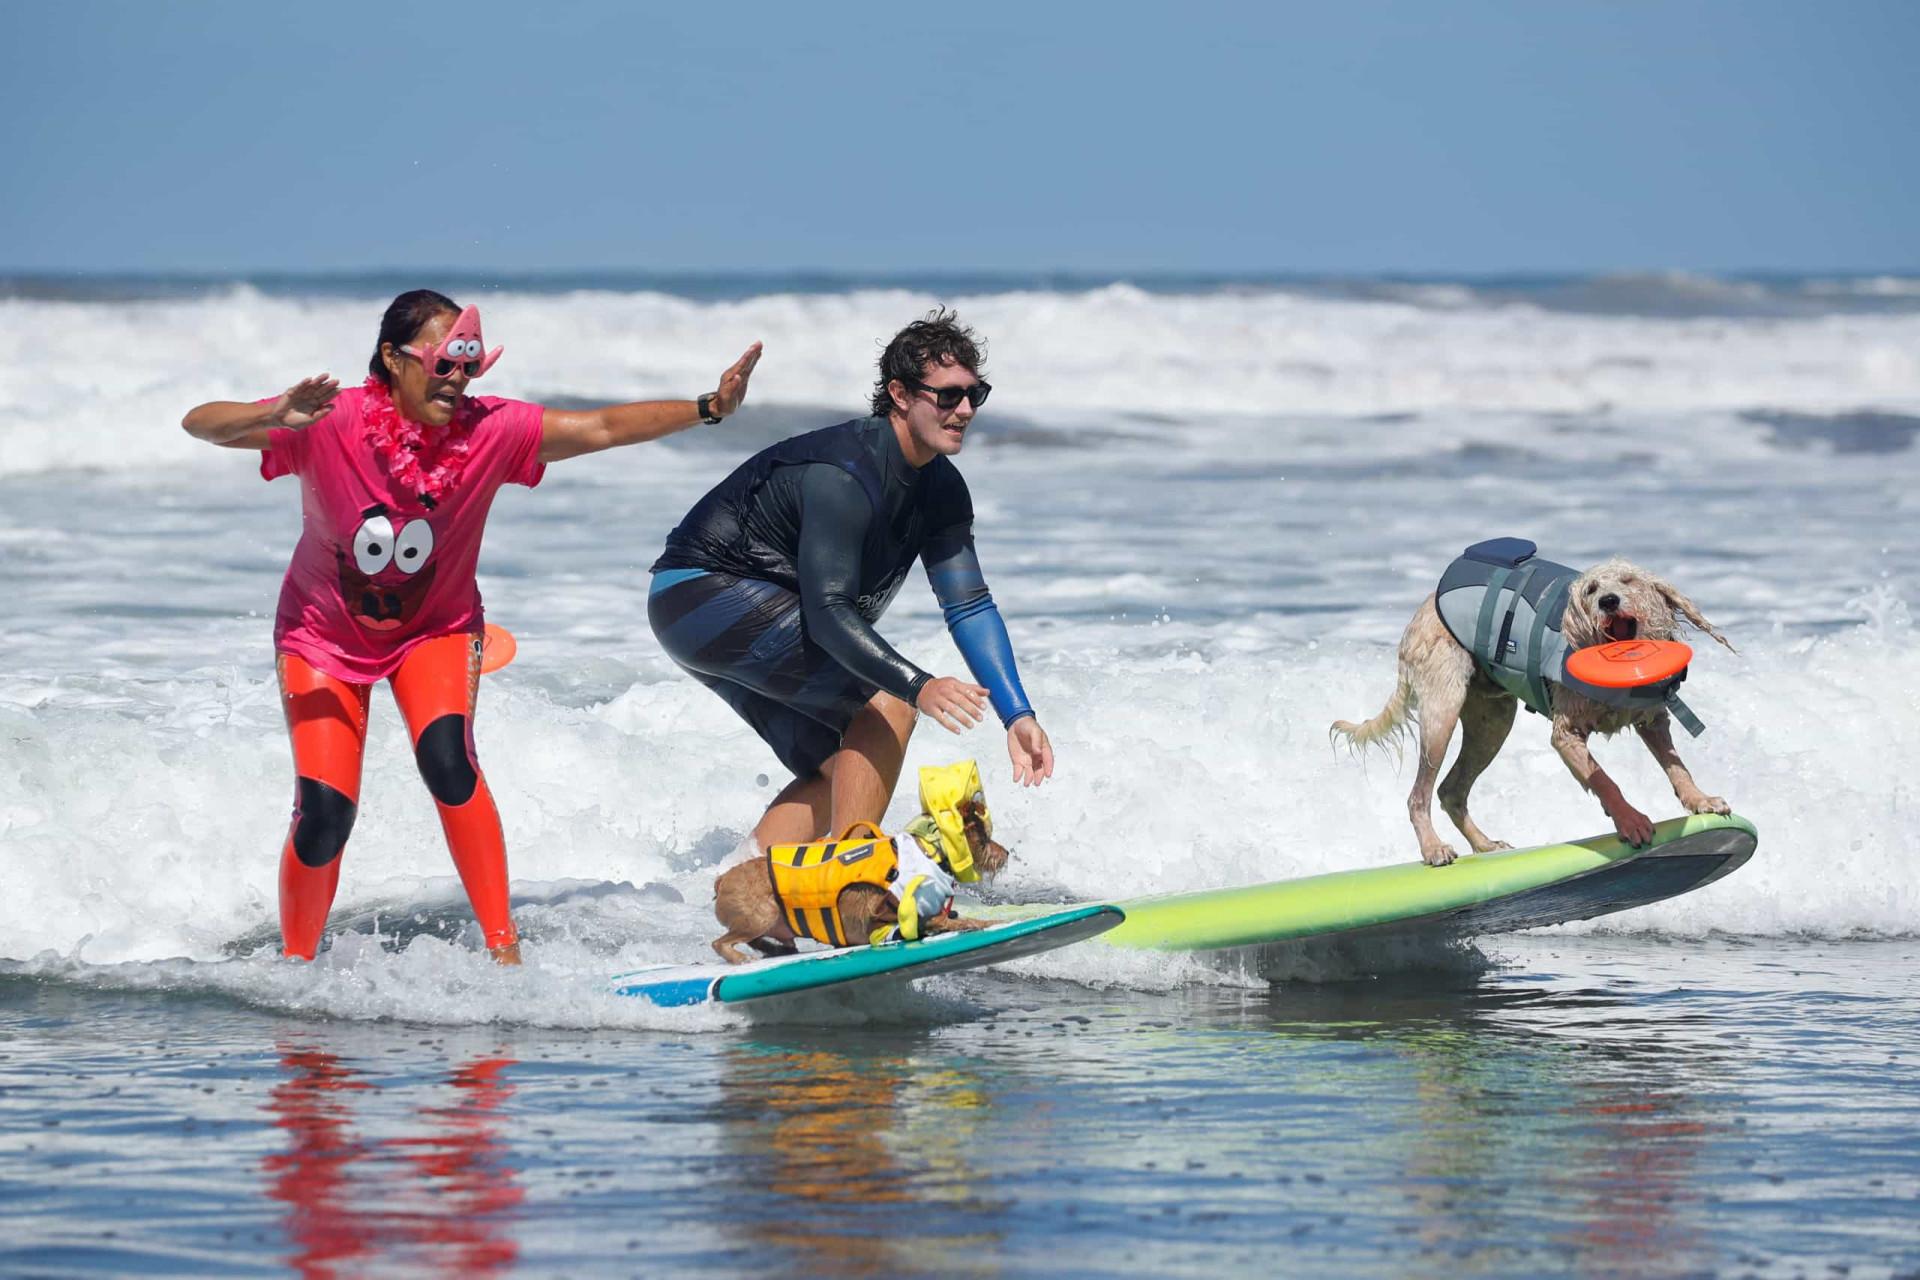 dejtingsajt för surfare